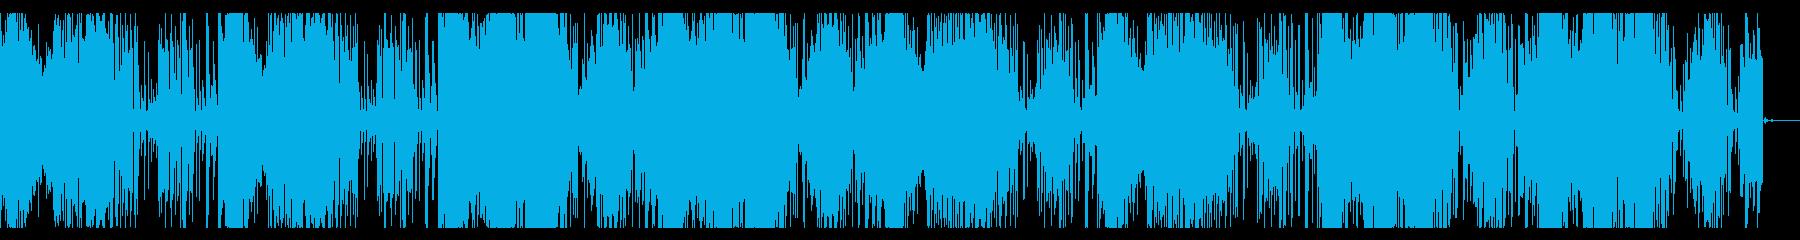 デジタルダークなアンビエントの再生済みの波形